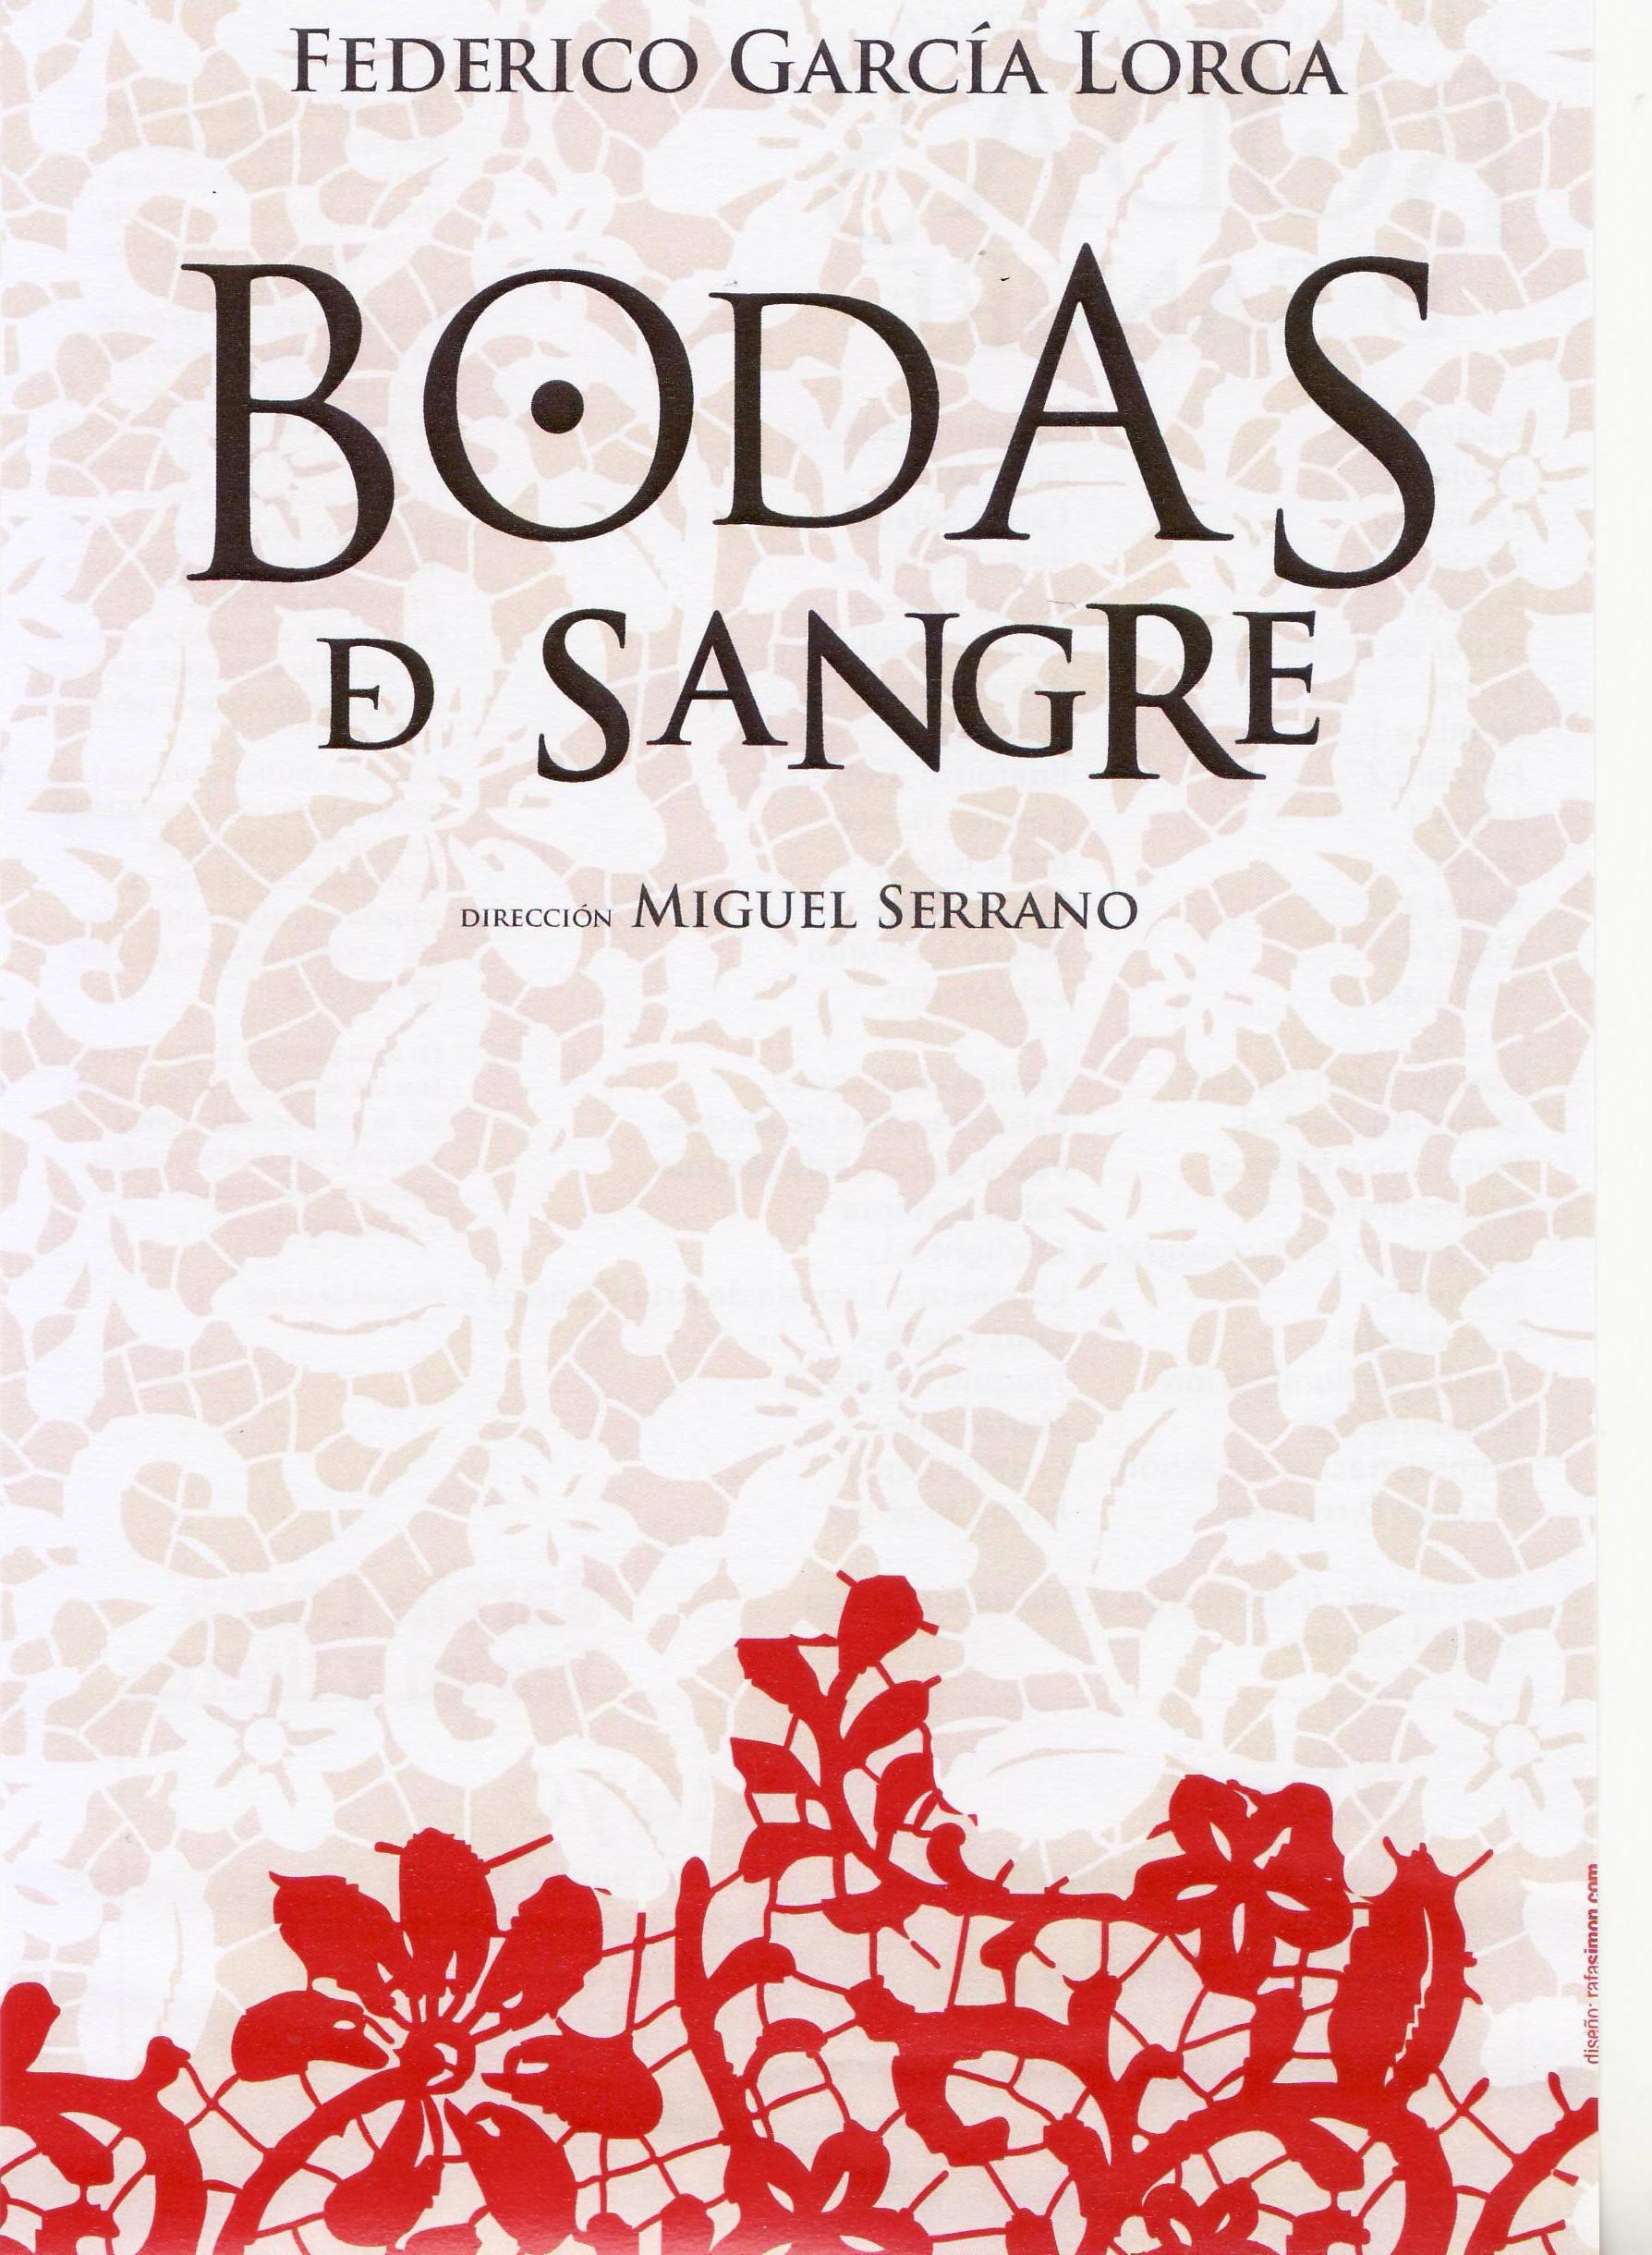 PROGRAMA DE BODAS DE SANGRE